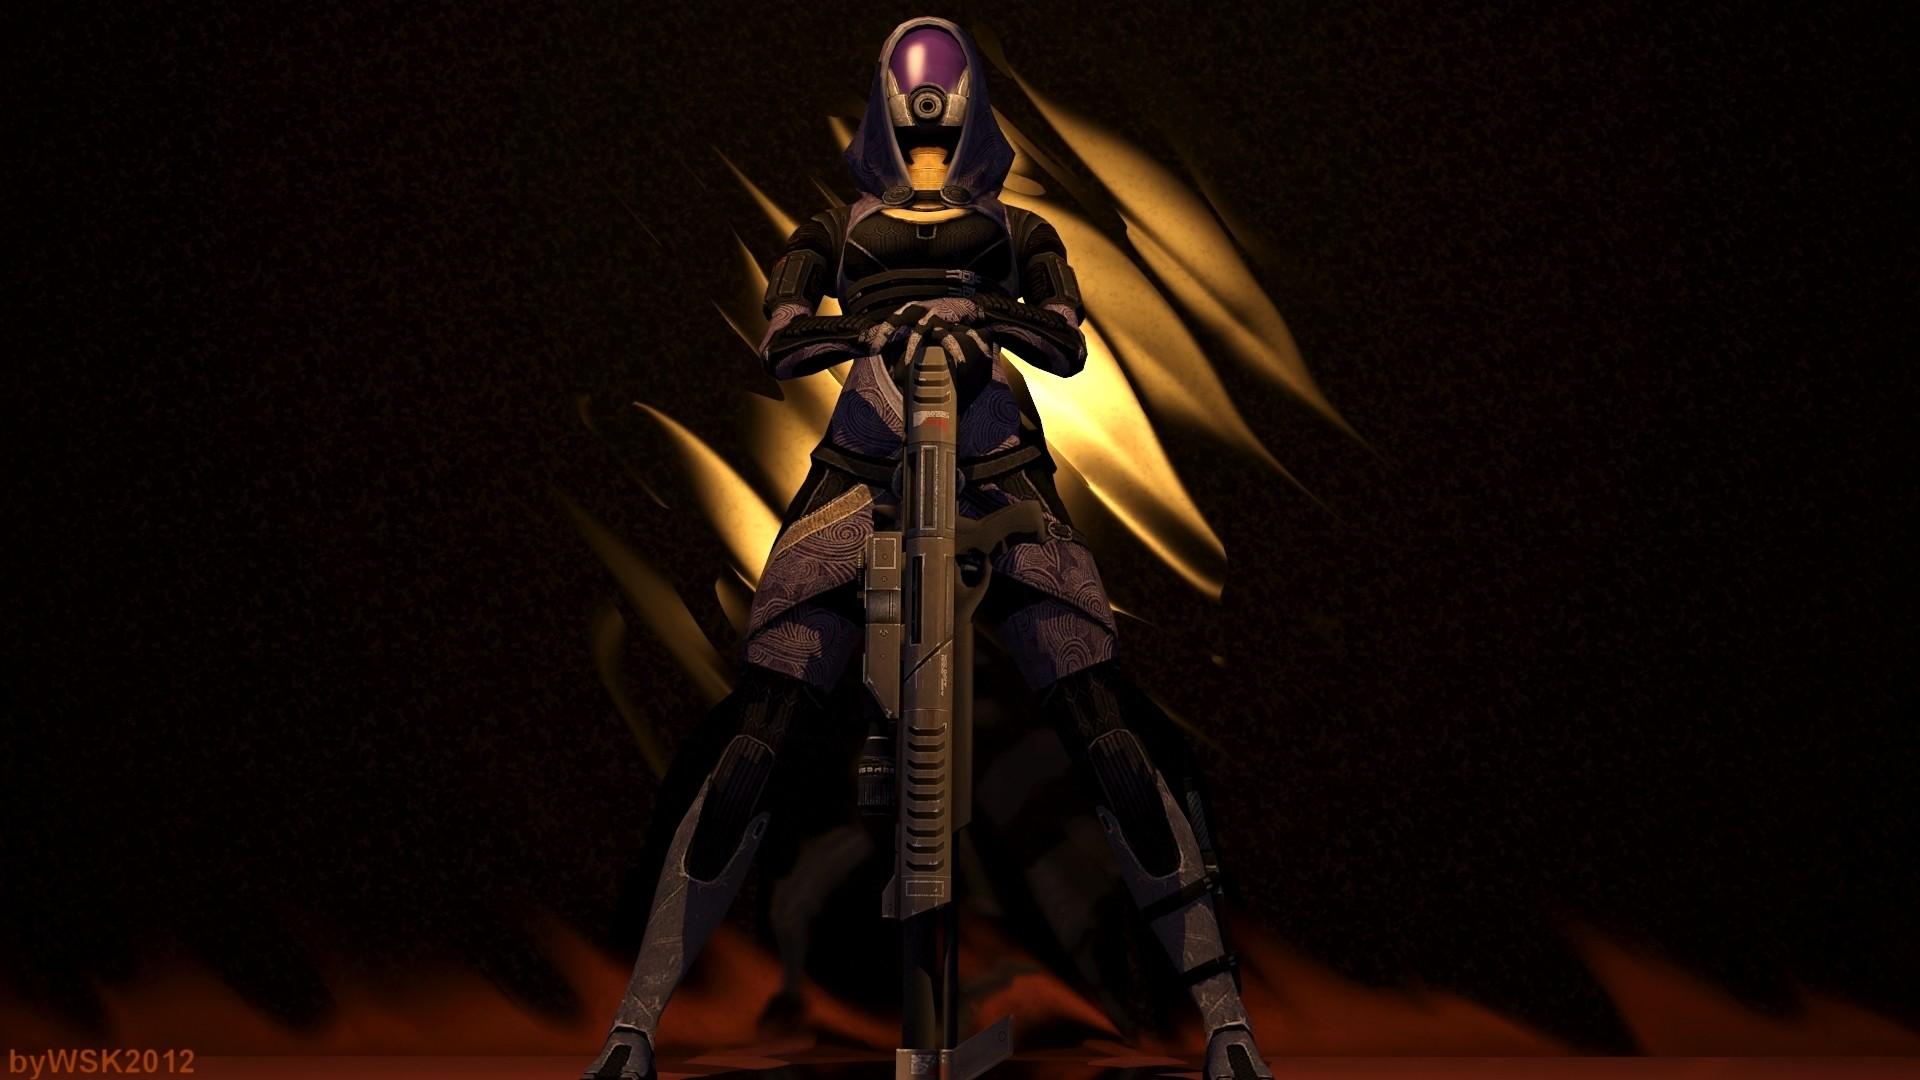 Mass Effect Tali Zorah Armor Games sci0fi warrior wallpaper      147141   WallpaperUP